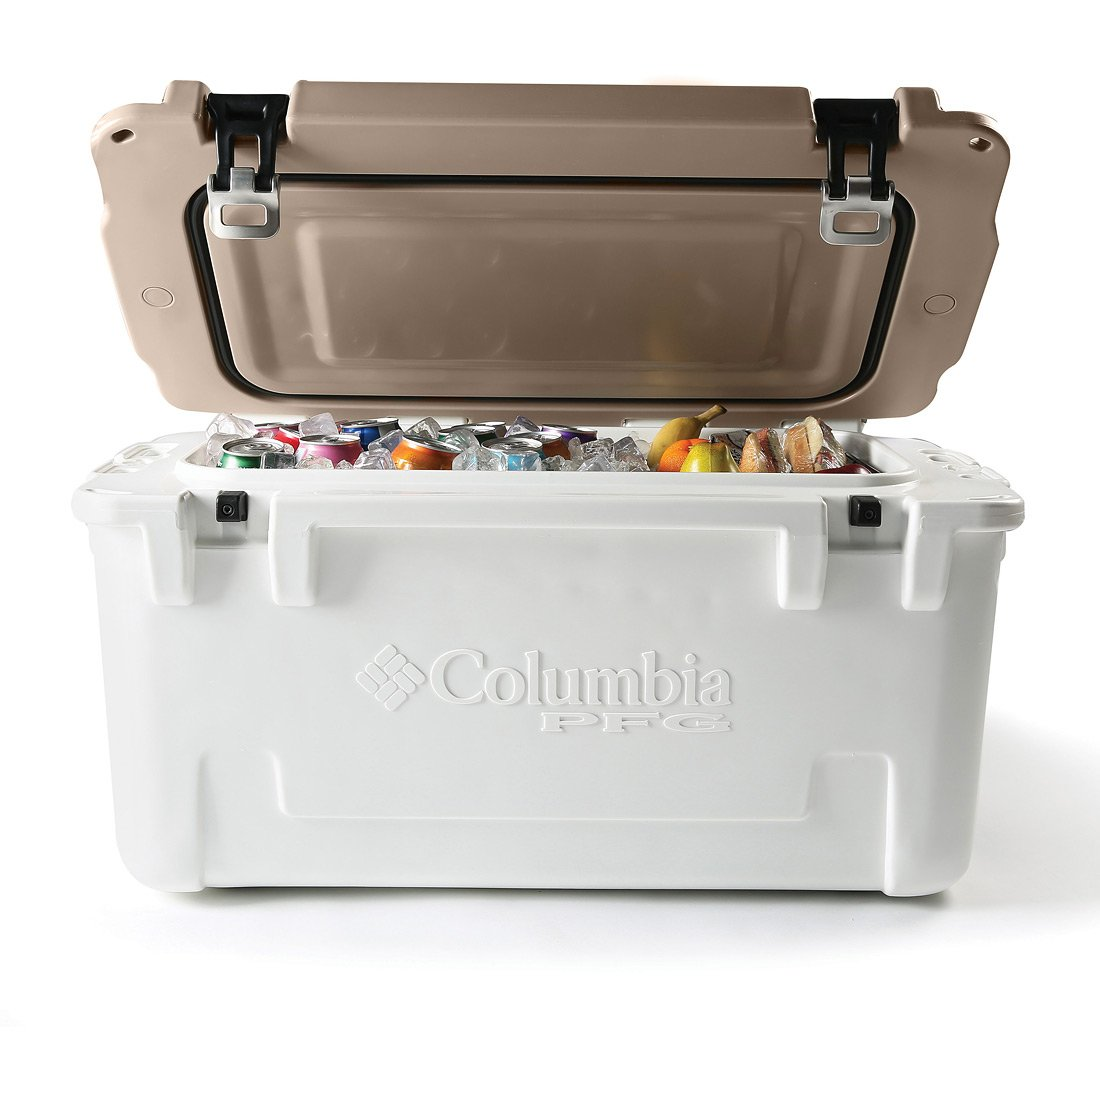 צידנית מקצועית - PFG High Performance Cooler 50Q - Columbia